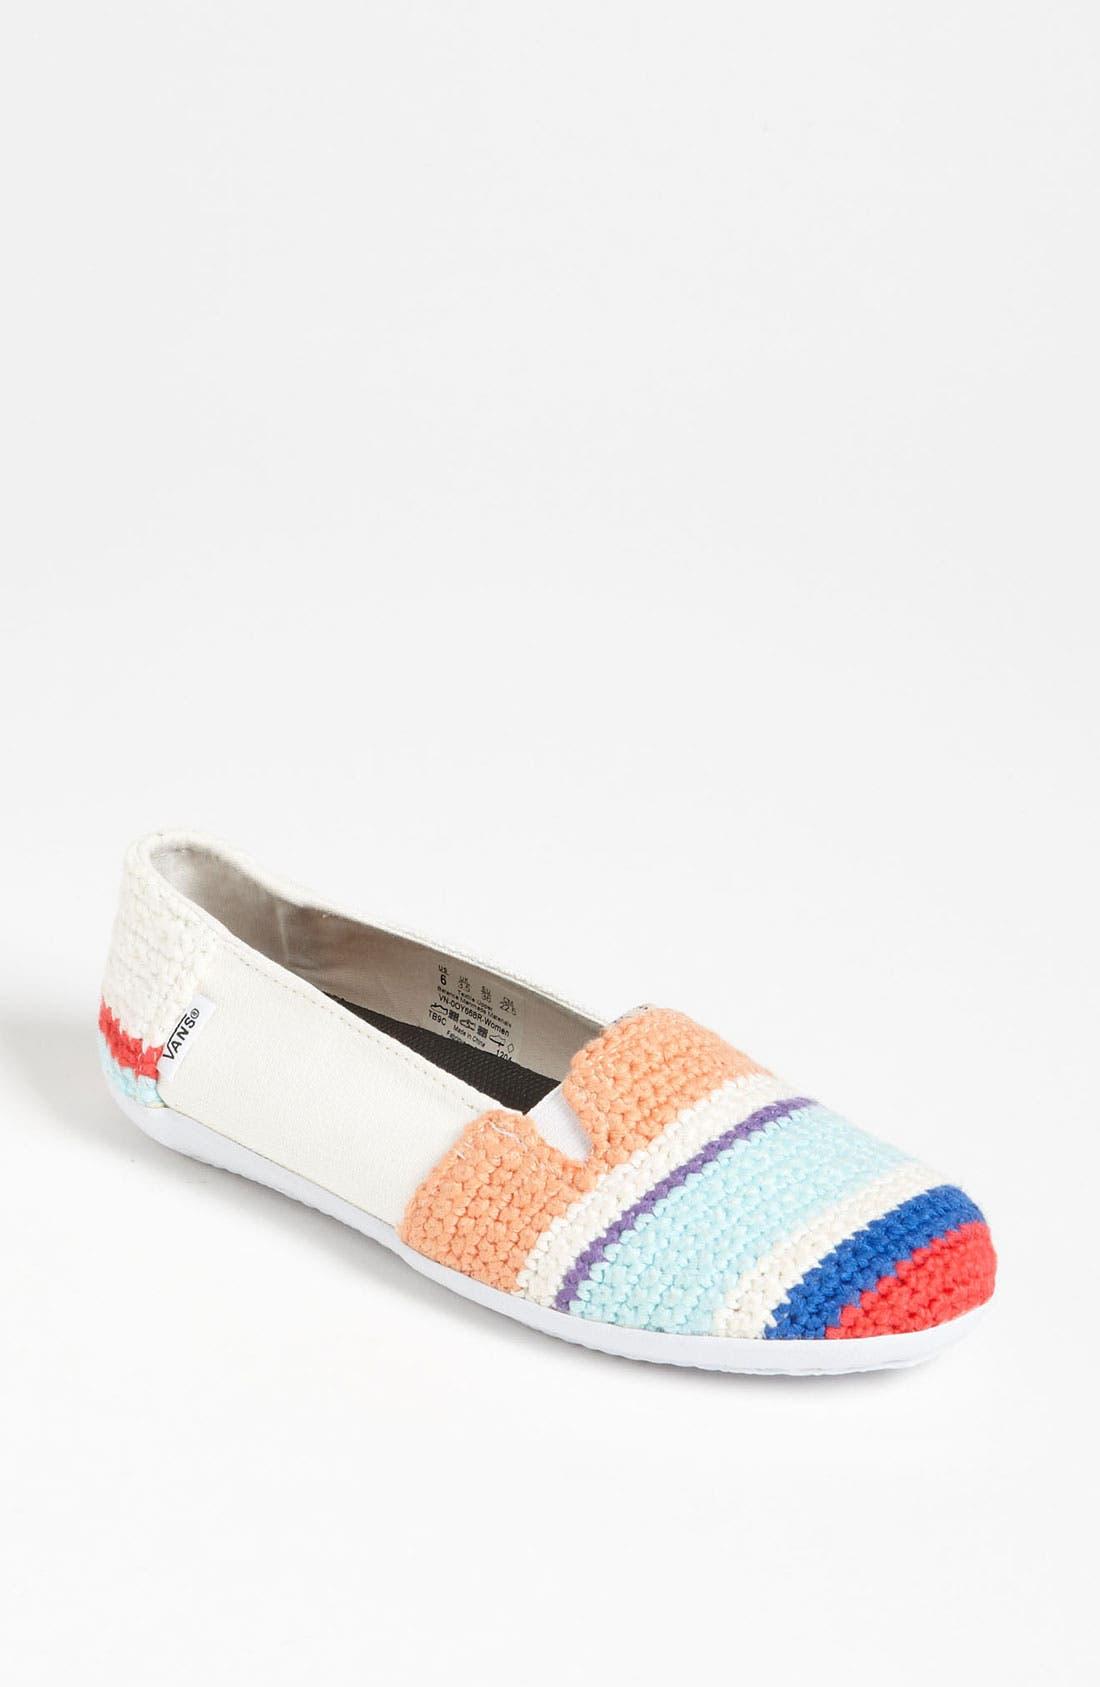 Main Image - Vans + Krochet Kids 'Bixie' Crochet Slip-On